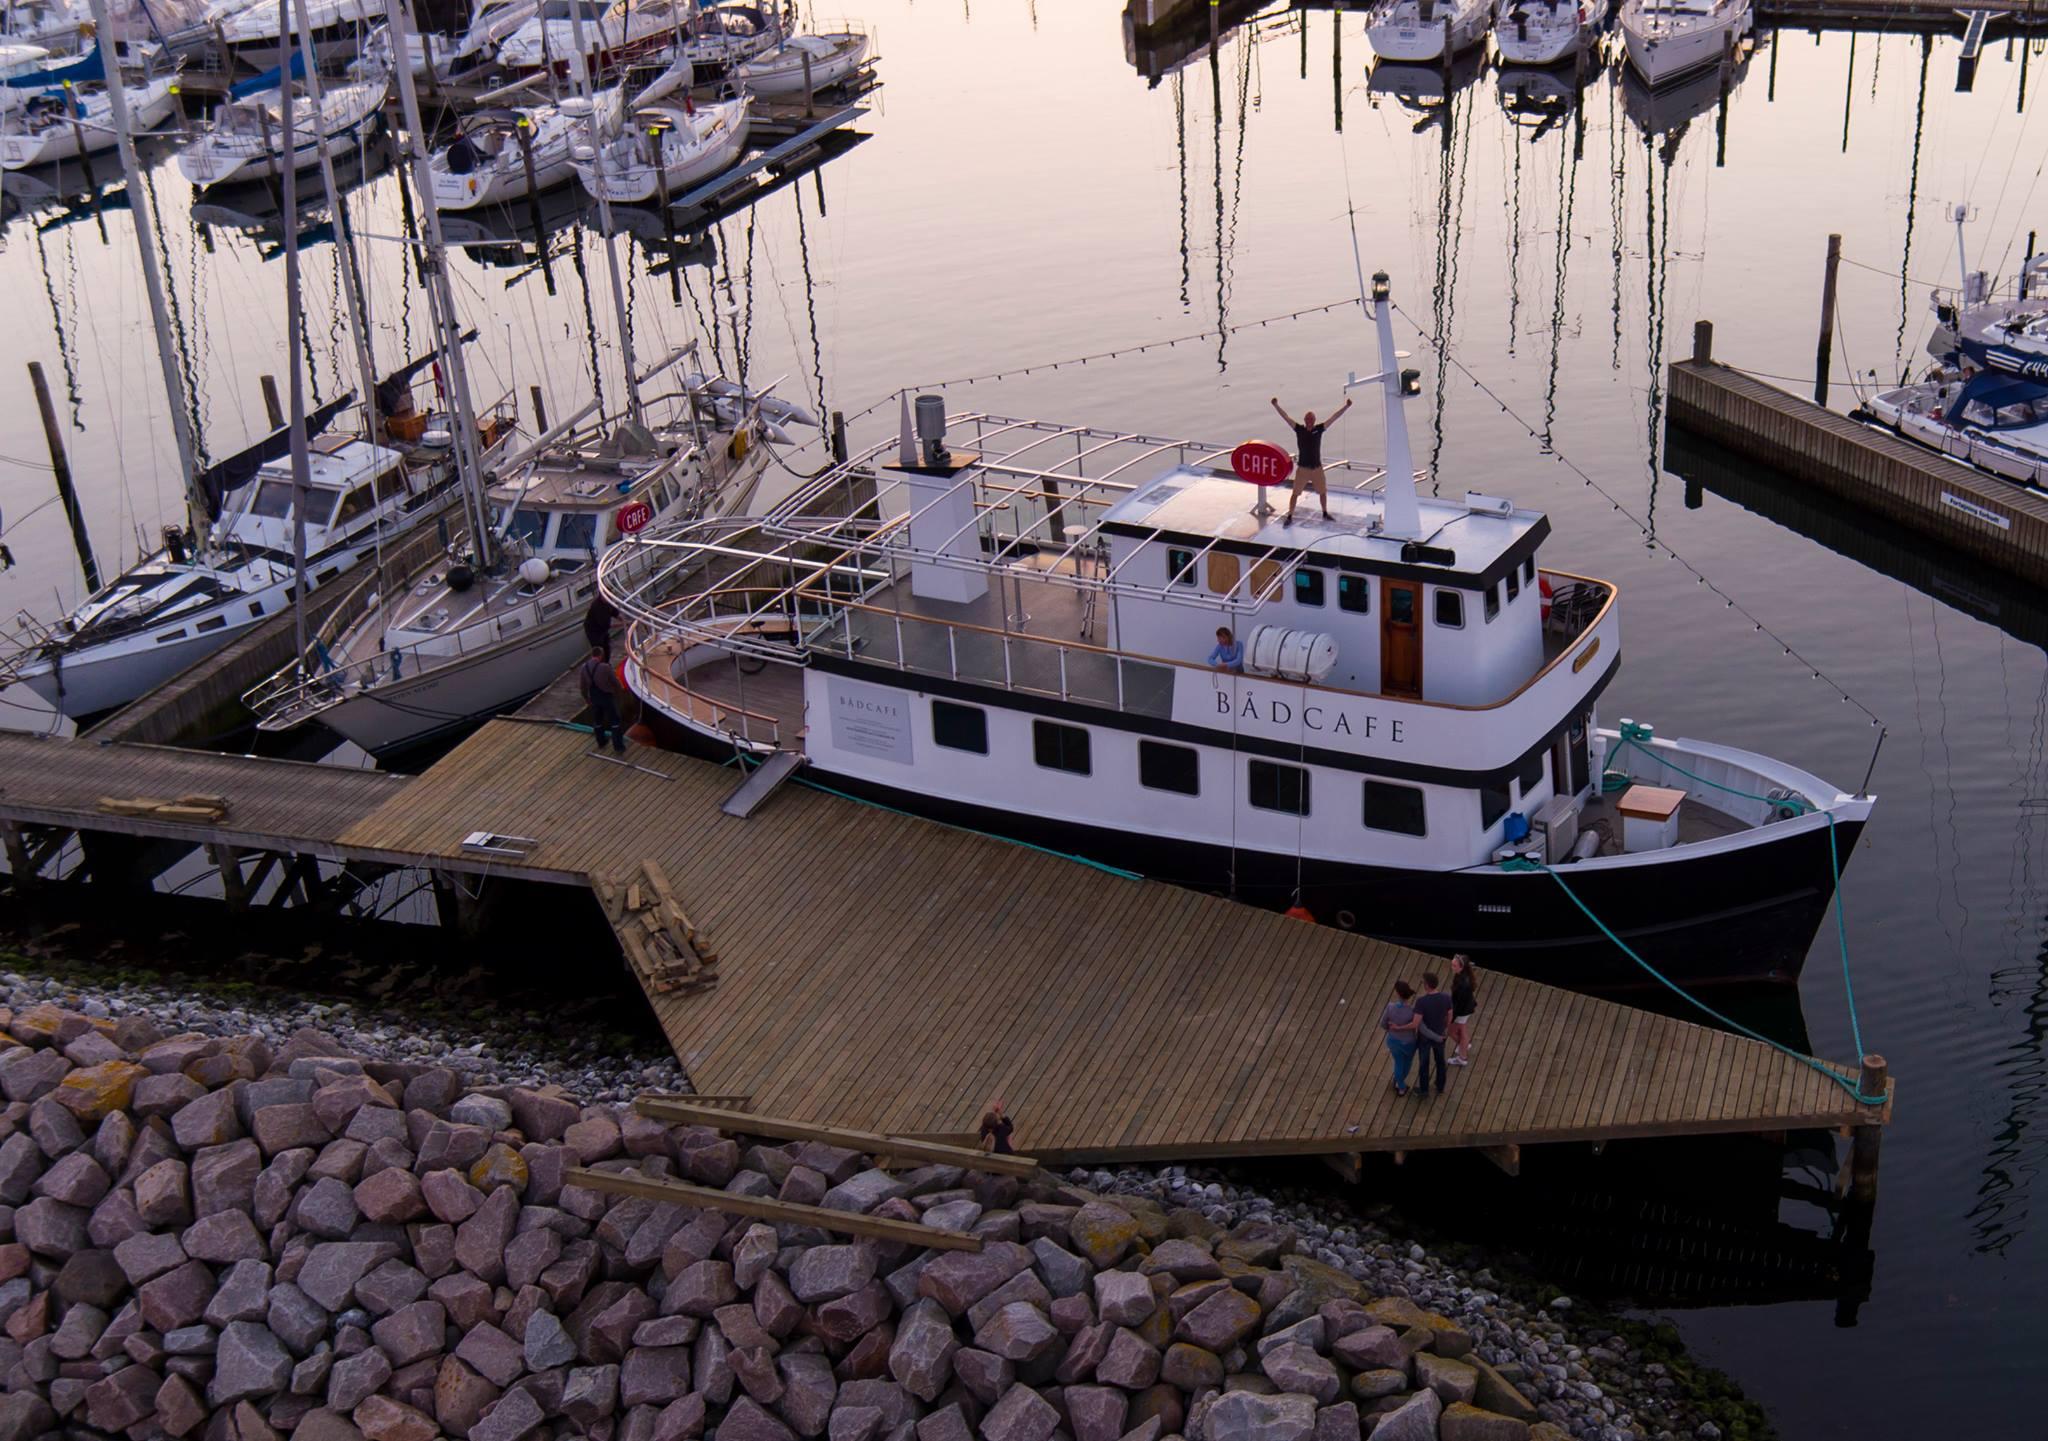 bådcafe århus